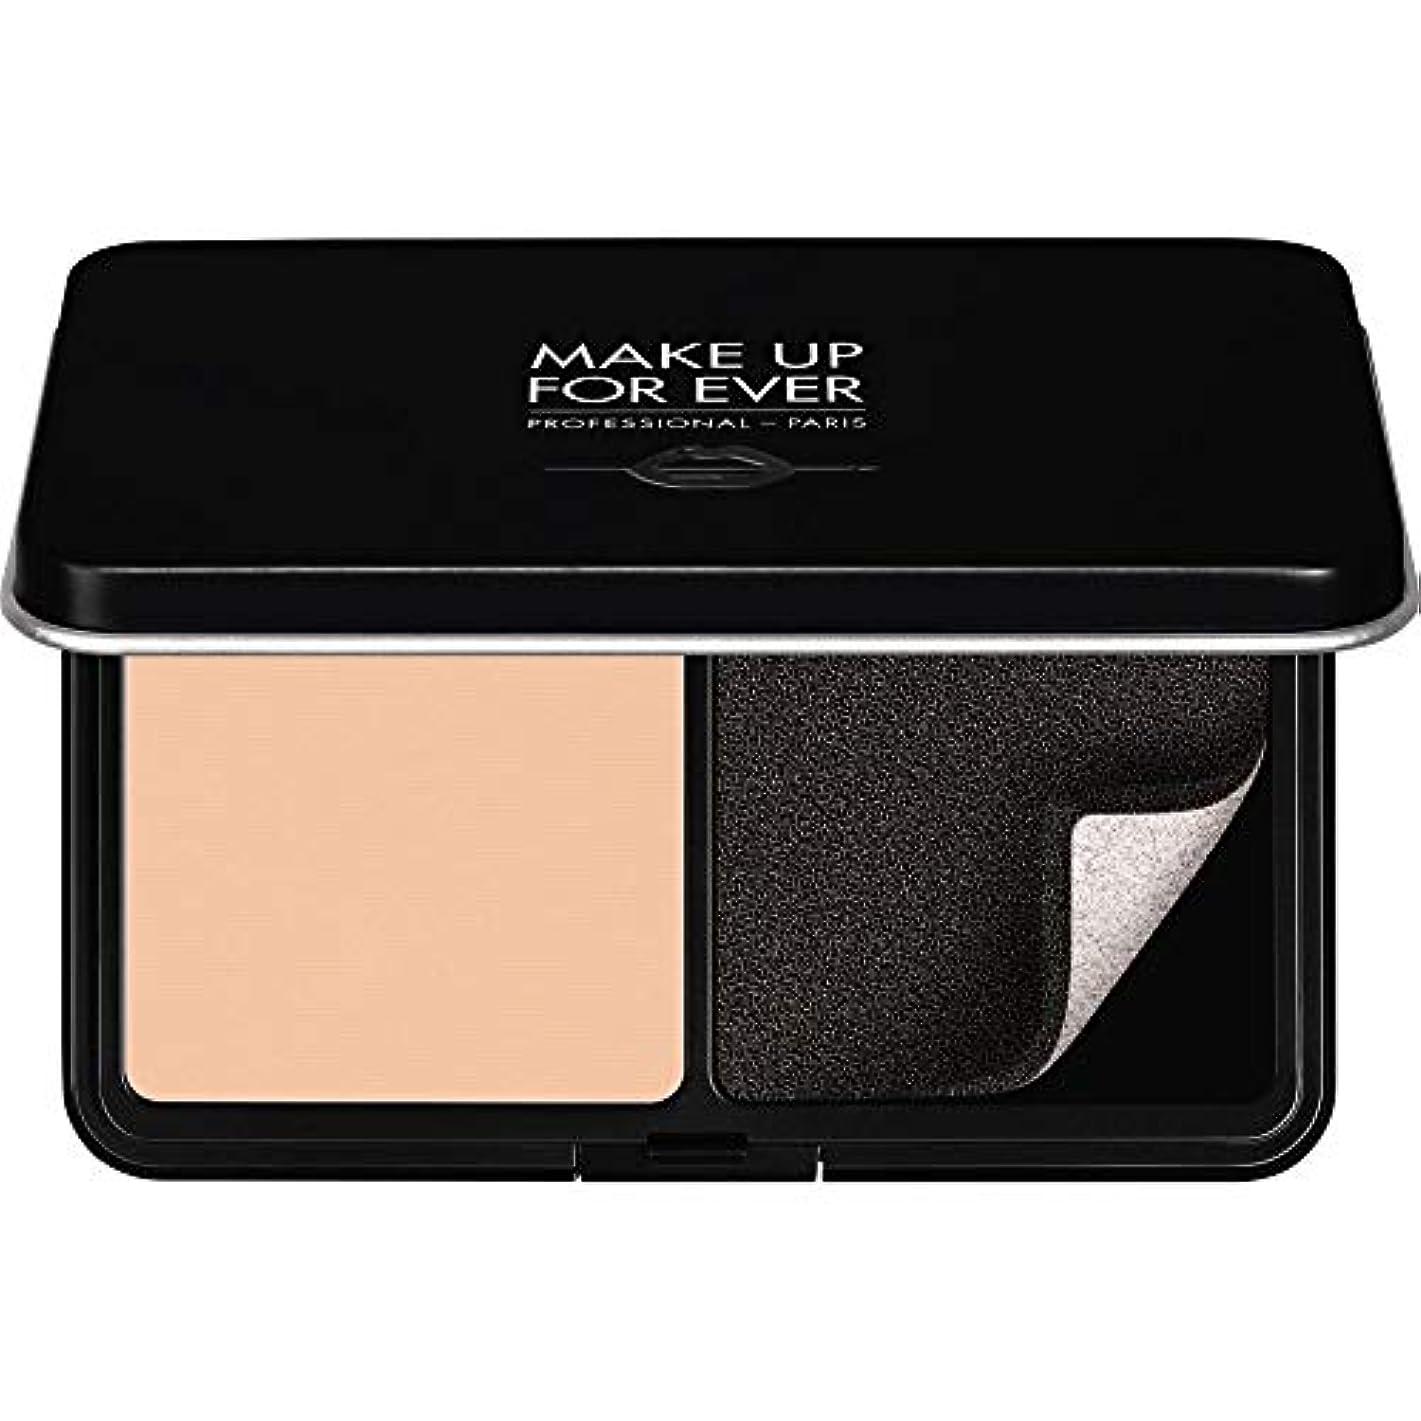 愛電気技師麦芽[MAKE UP FOR EVER ] パウダーファンデーション11GののR220をぼかし、これまでマットベルベットの肌を補う - ピンクPorcelaine - MAKE UP FOR EVER Matte Velvet Skin Blurring Powder Foundation 11g R220 - Pink Porcelaine [並行輸入品]